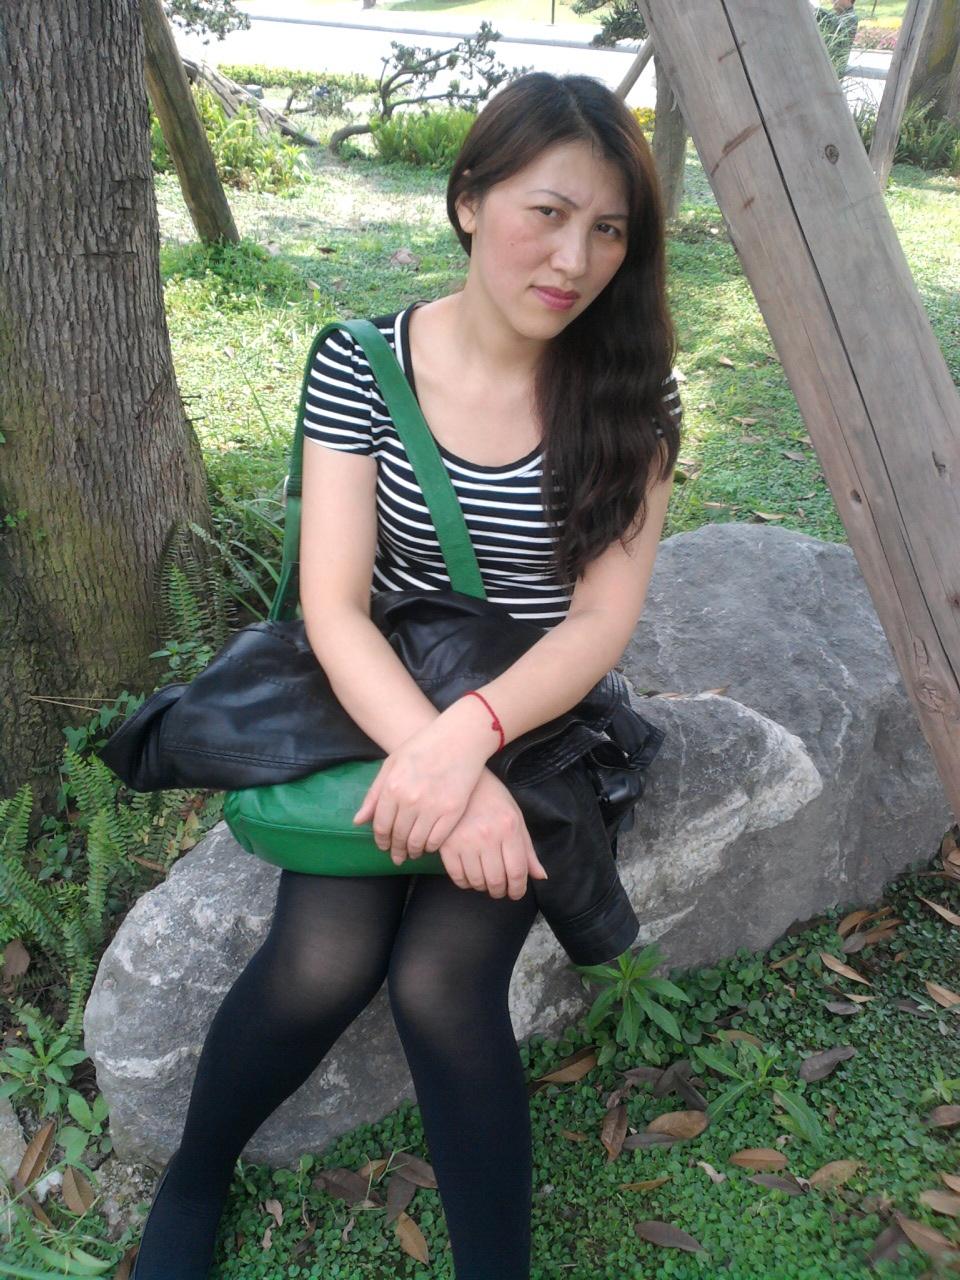 40岁离异女征婚照片(id:50913633)_重庆征婚交友_珍爱